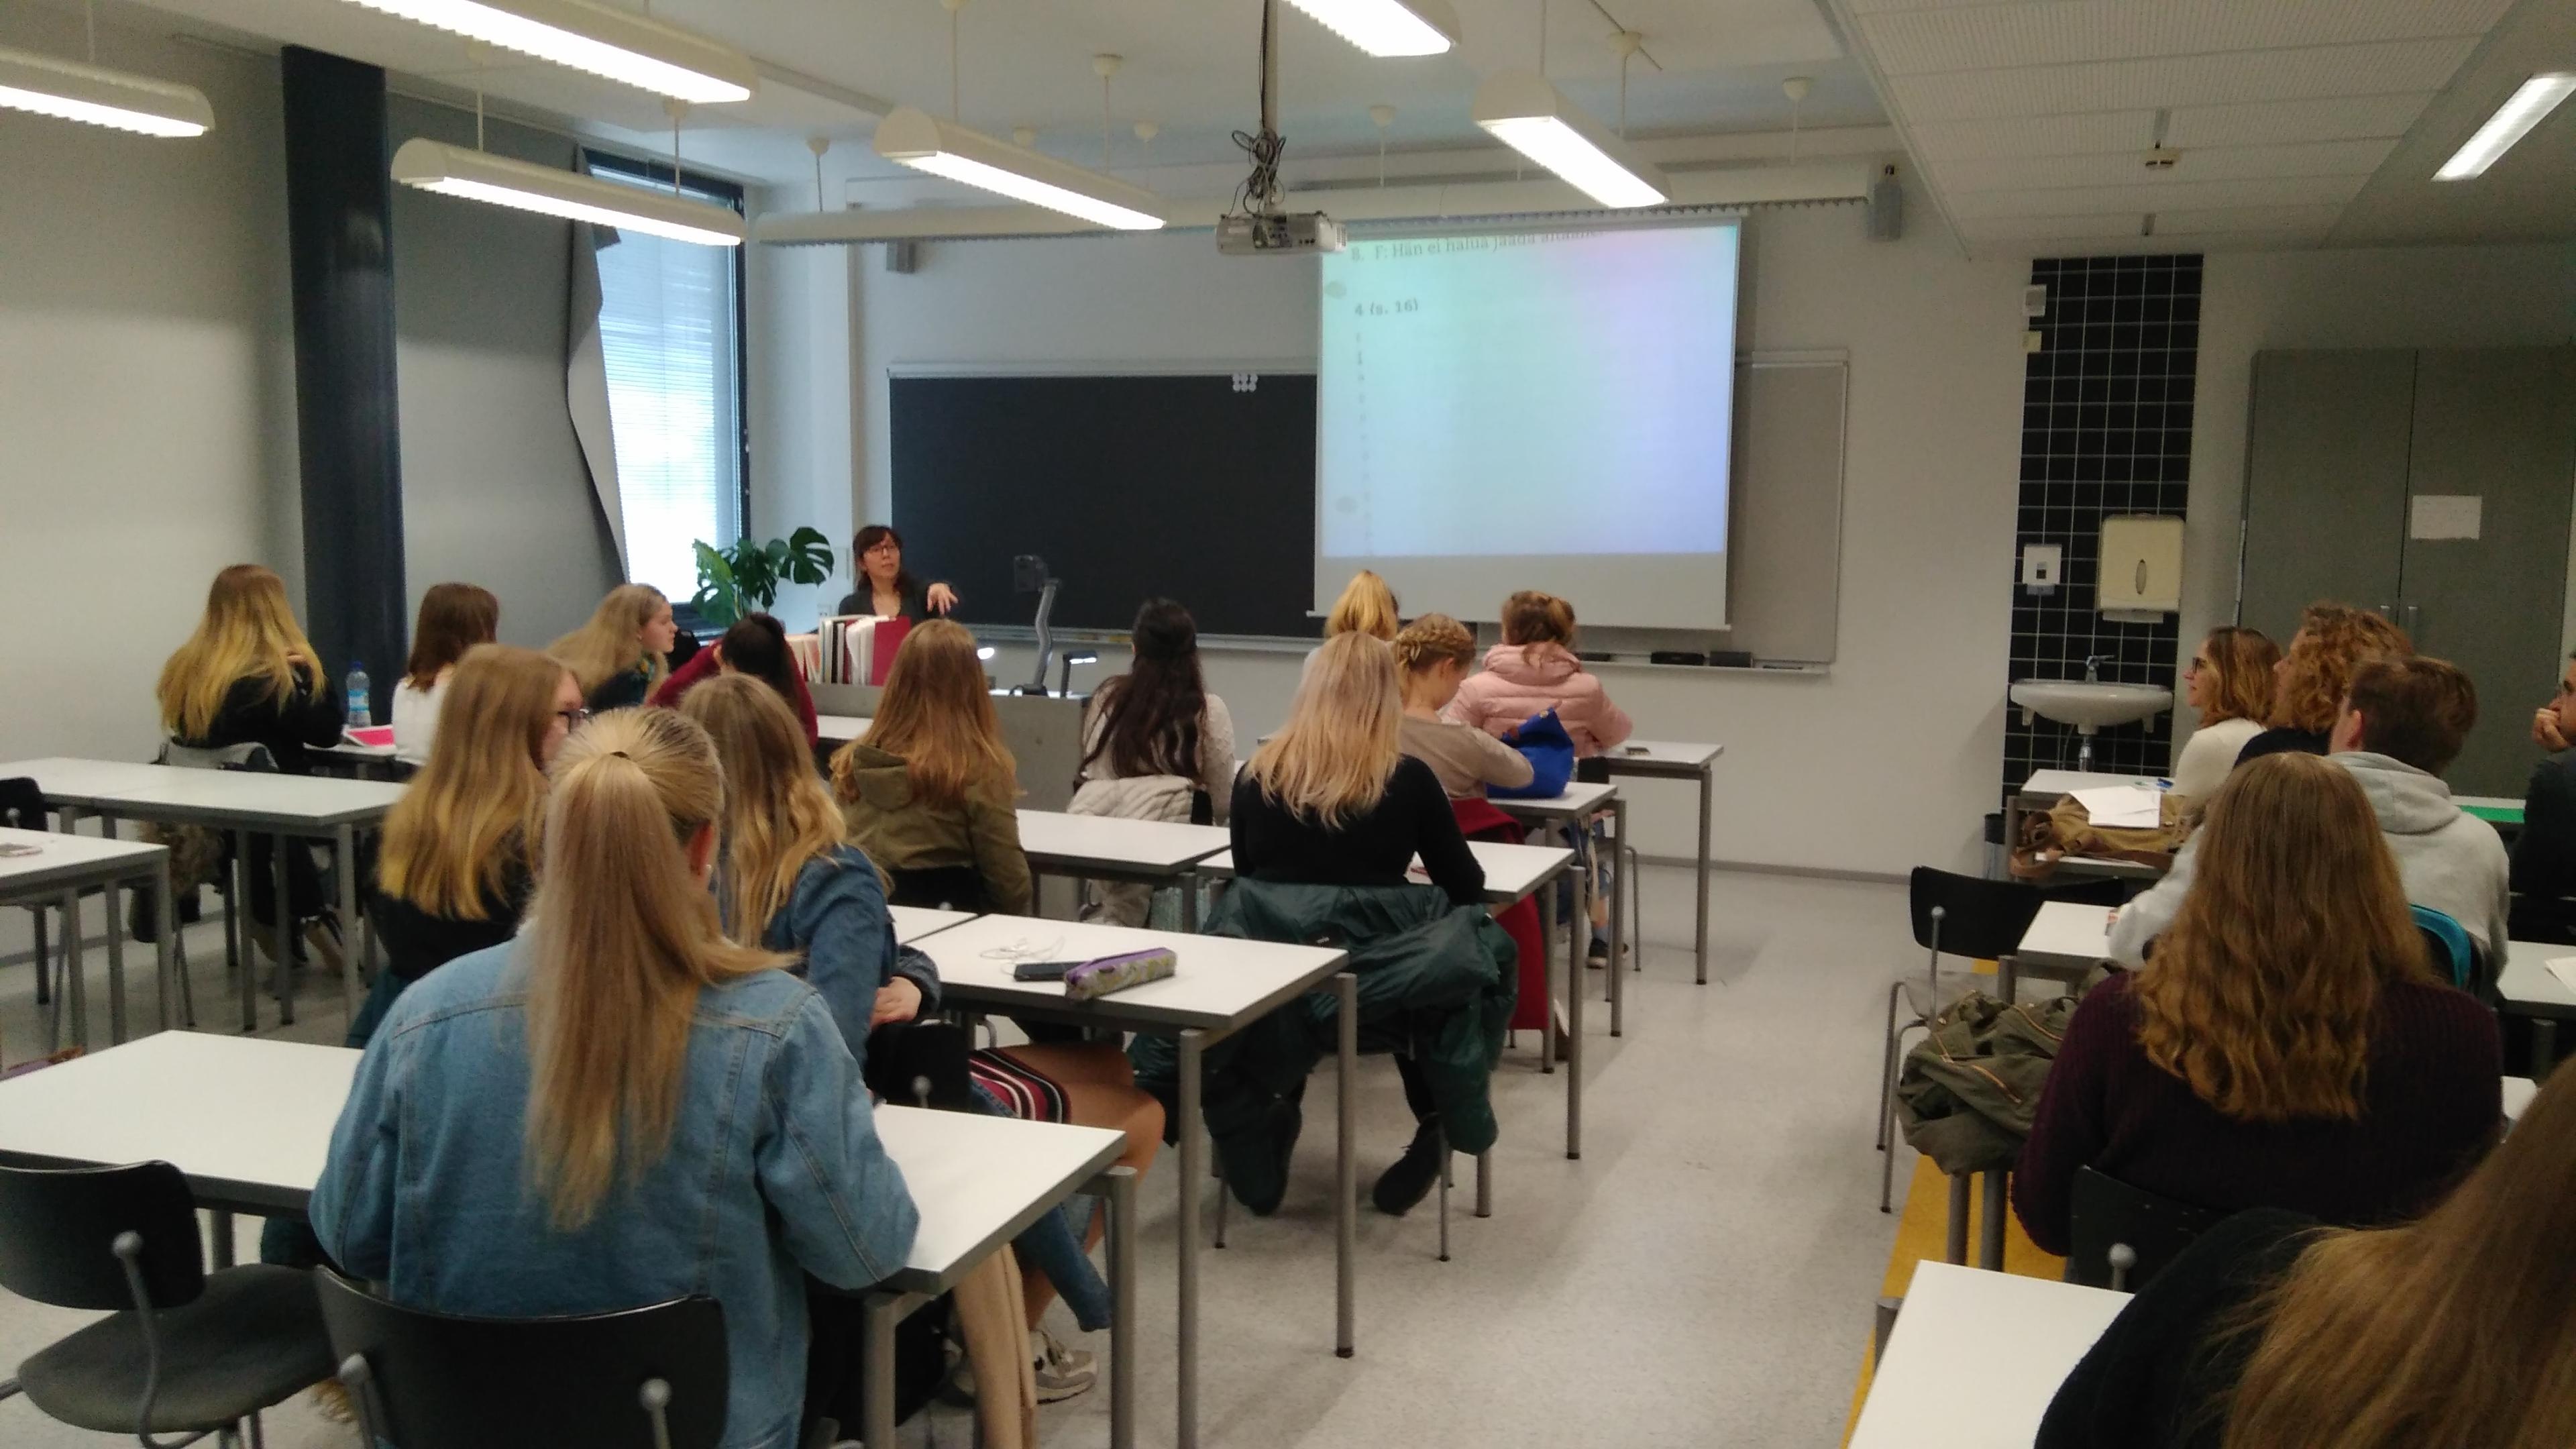 Tikkurilan Lukio. Helsinki (Finlandia) Erasmus + 2018 29